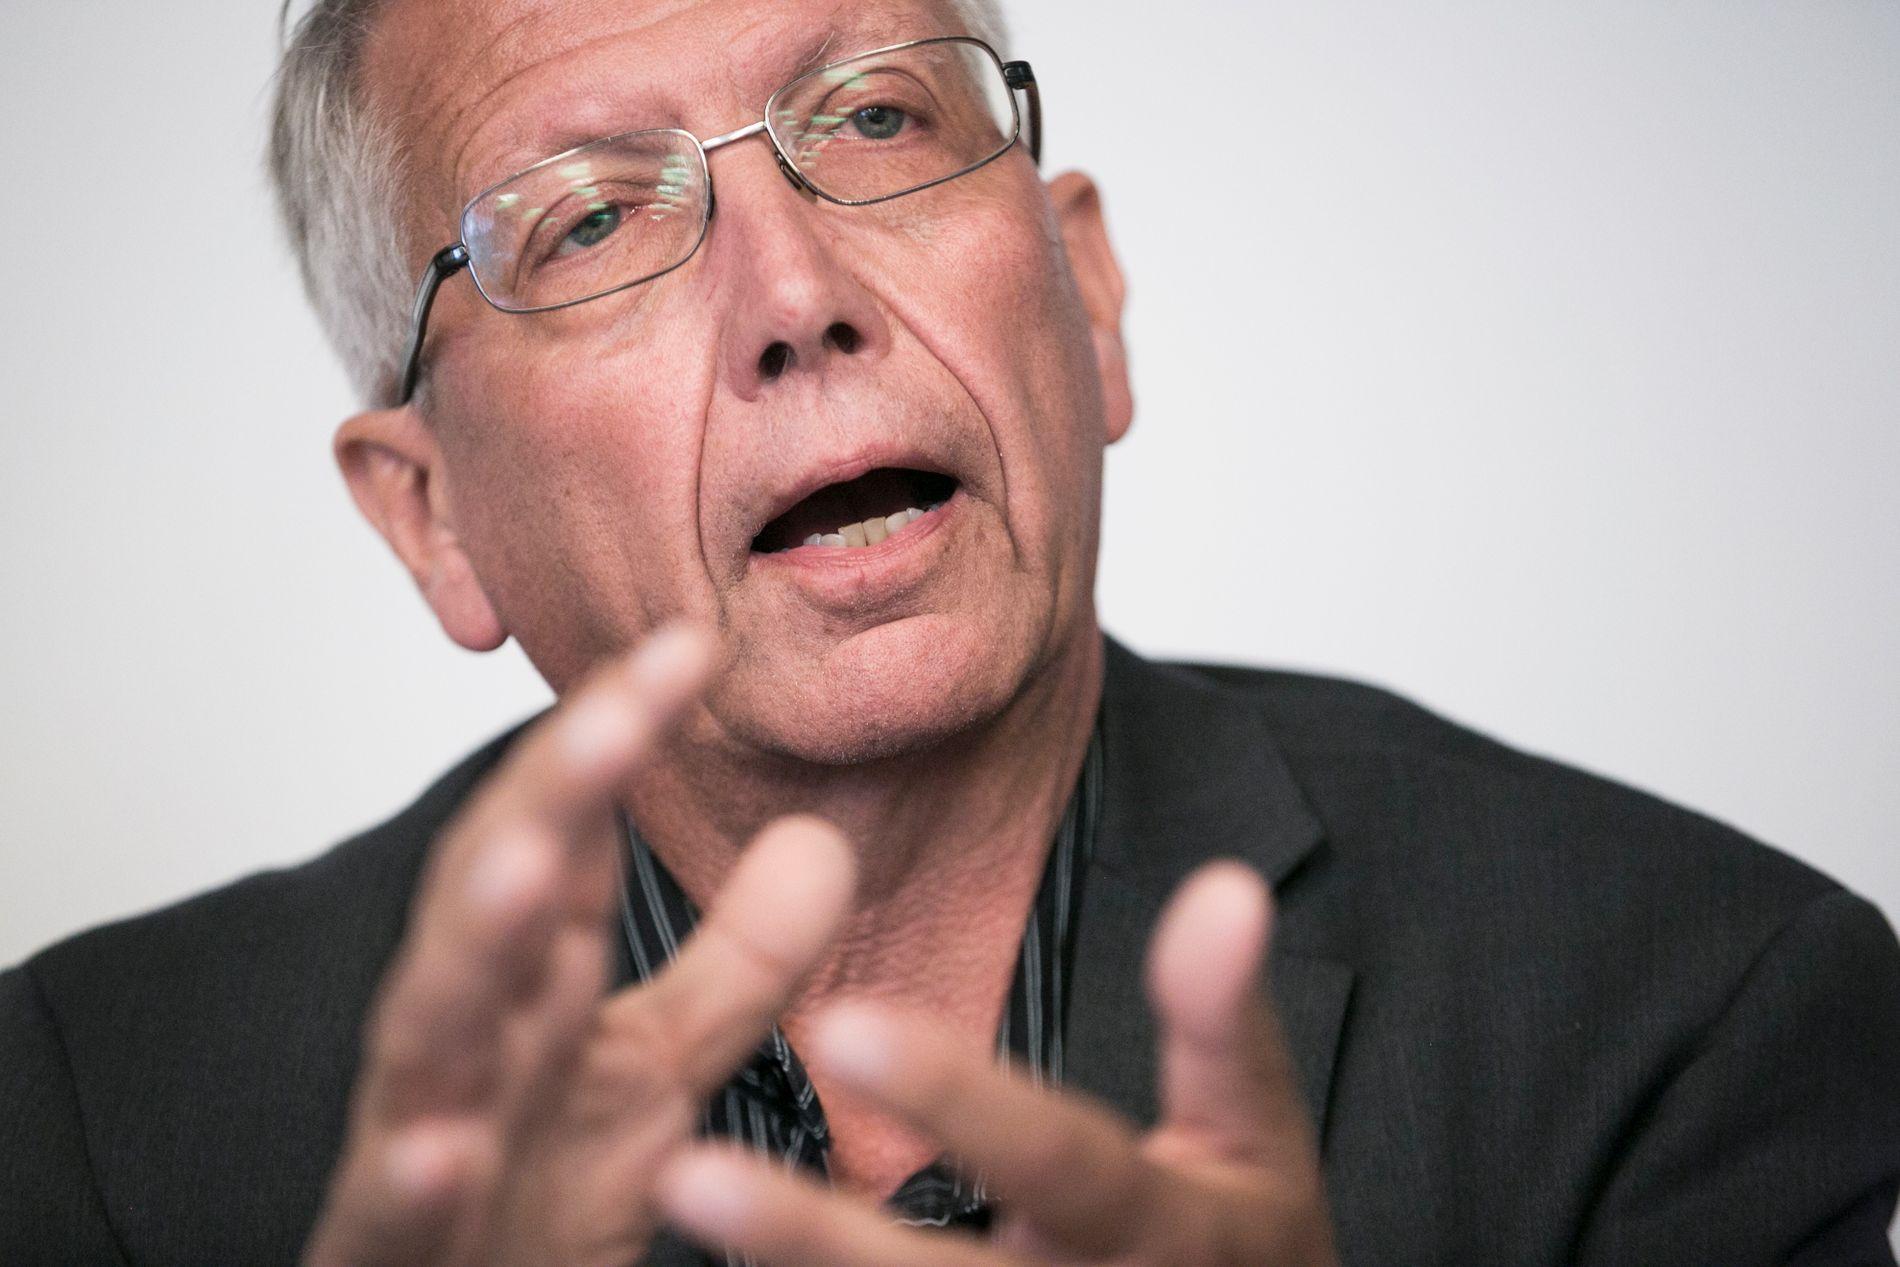 TEKNOLOGI ER LØSNINGEN: Direktør i Vegvesenet, Terje Moe Gustavsen, mener teknologi vil redde liv på veiene.